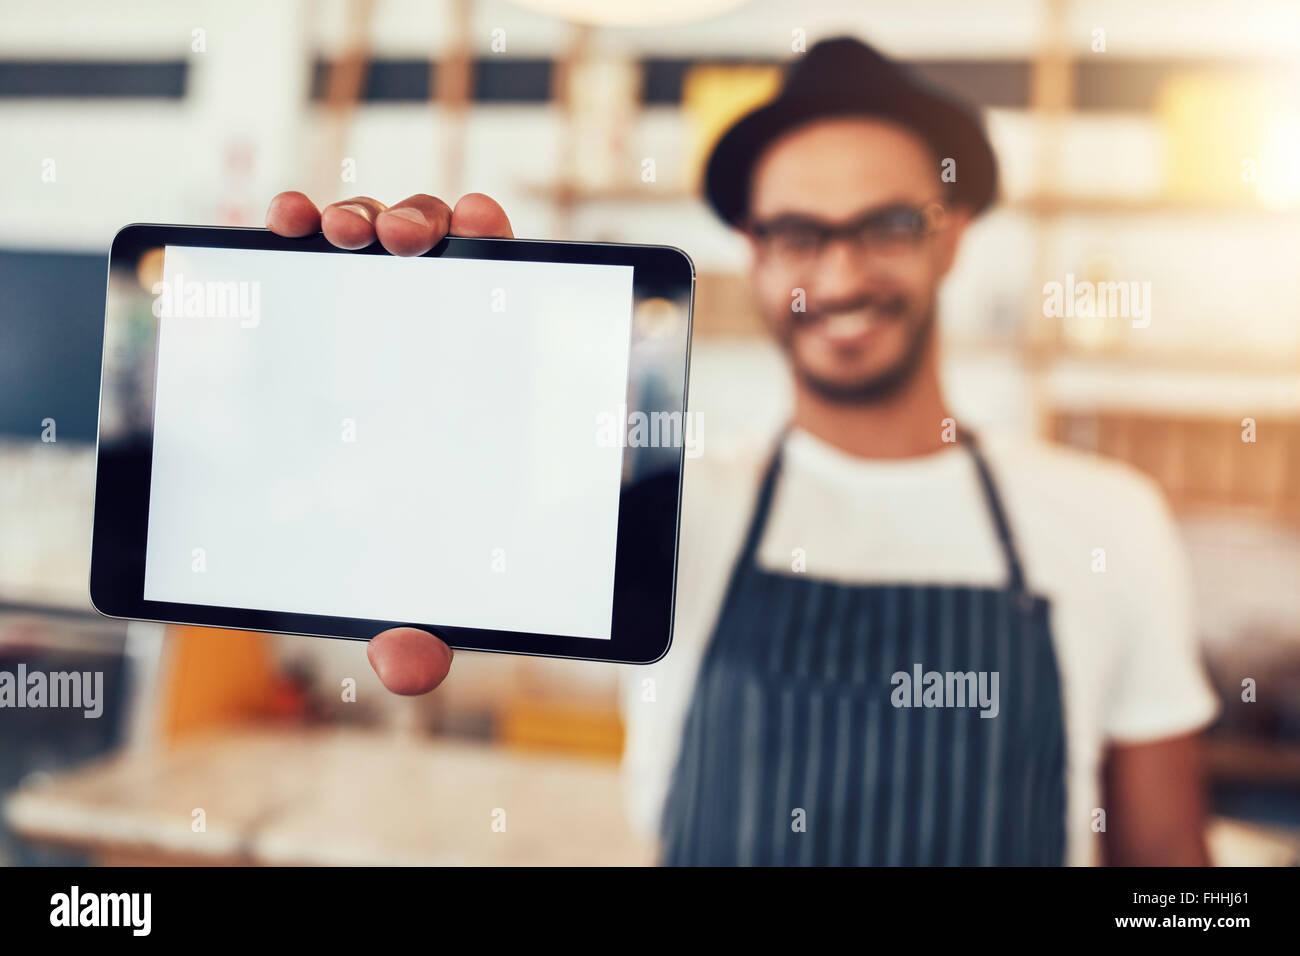 Close up ritratto di un uomo con in mano una tavoletta digitale con un display vuoto. Uomo che lavora in cafe che Immagini Stock